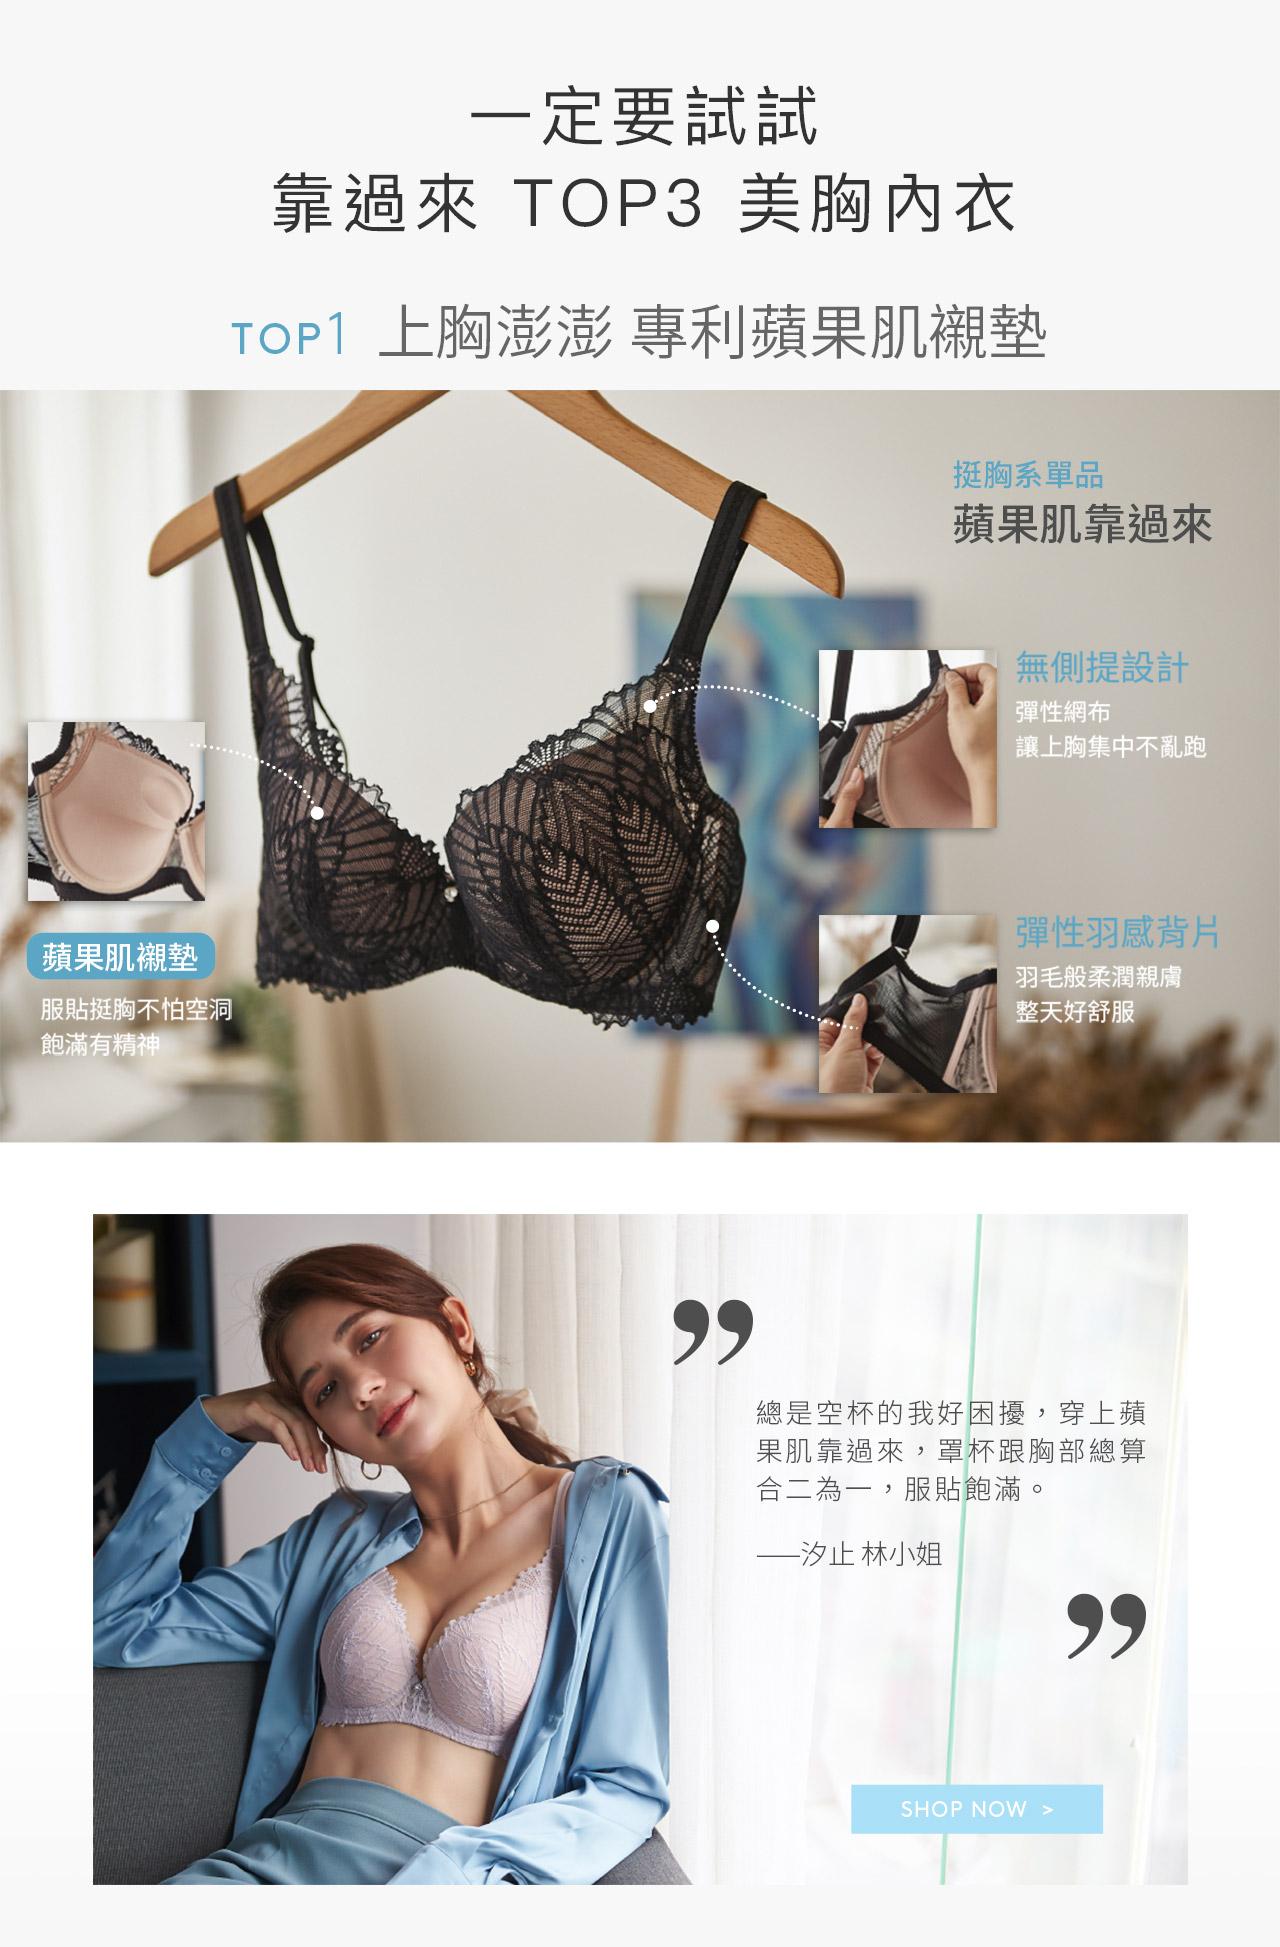 美胸內衣TOP1-1